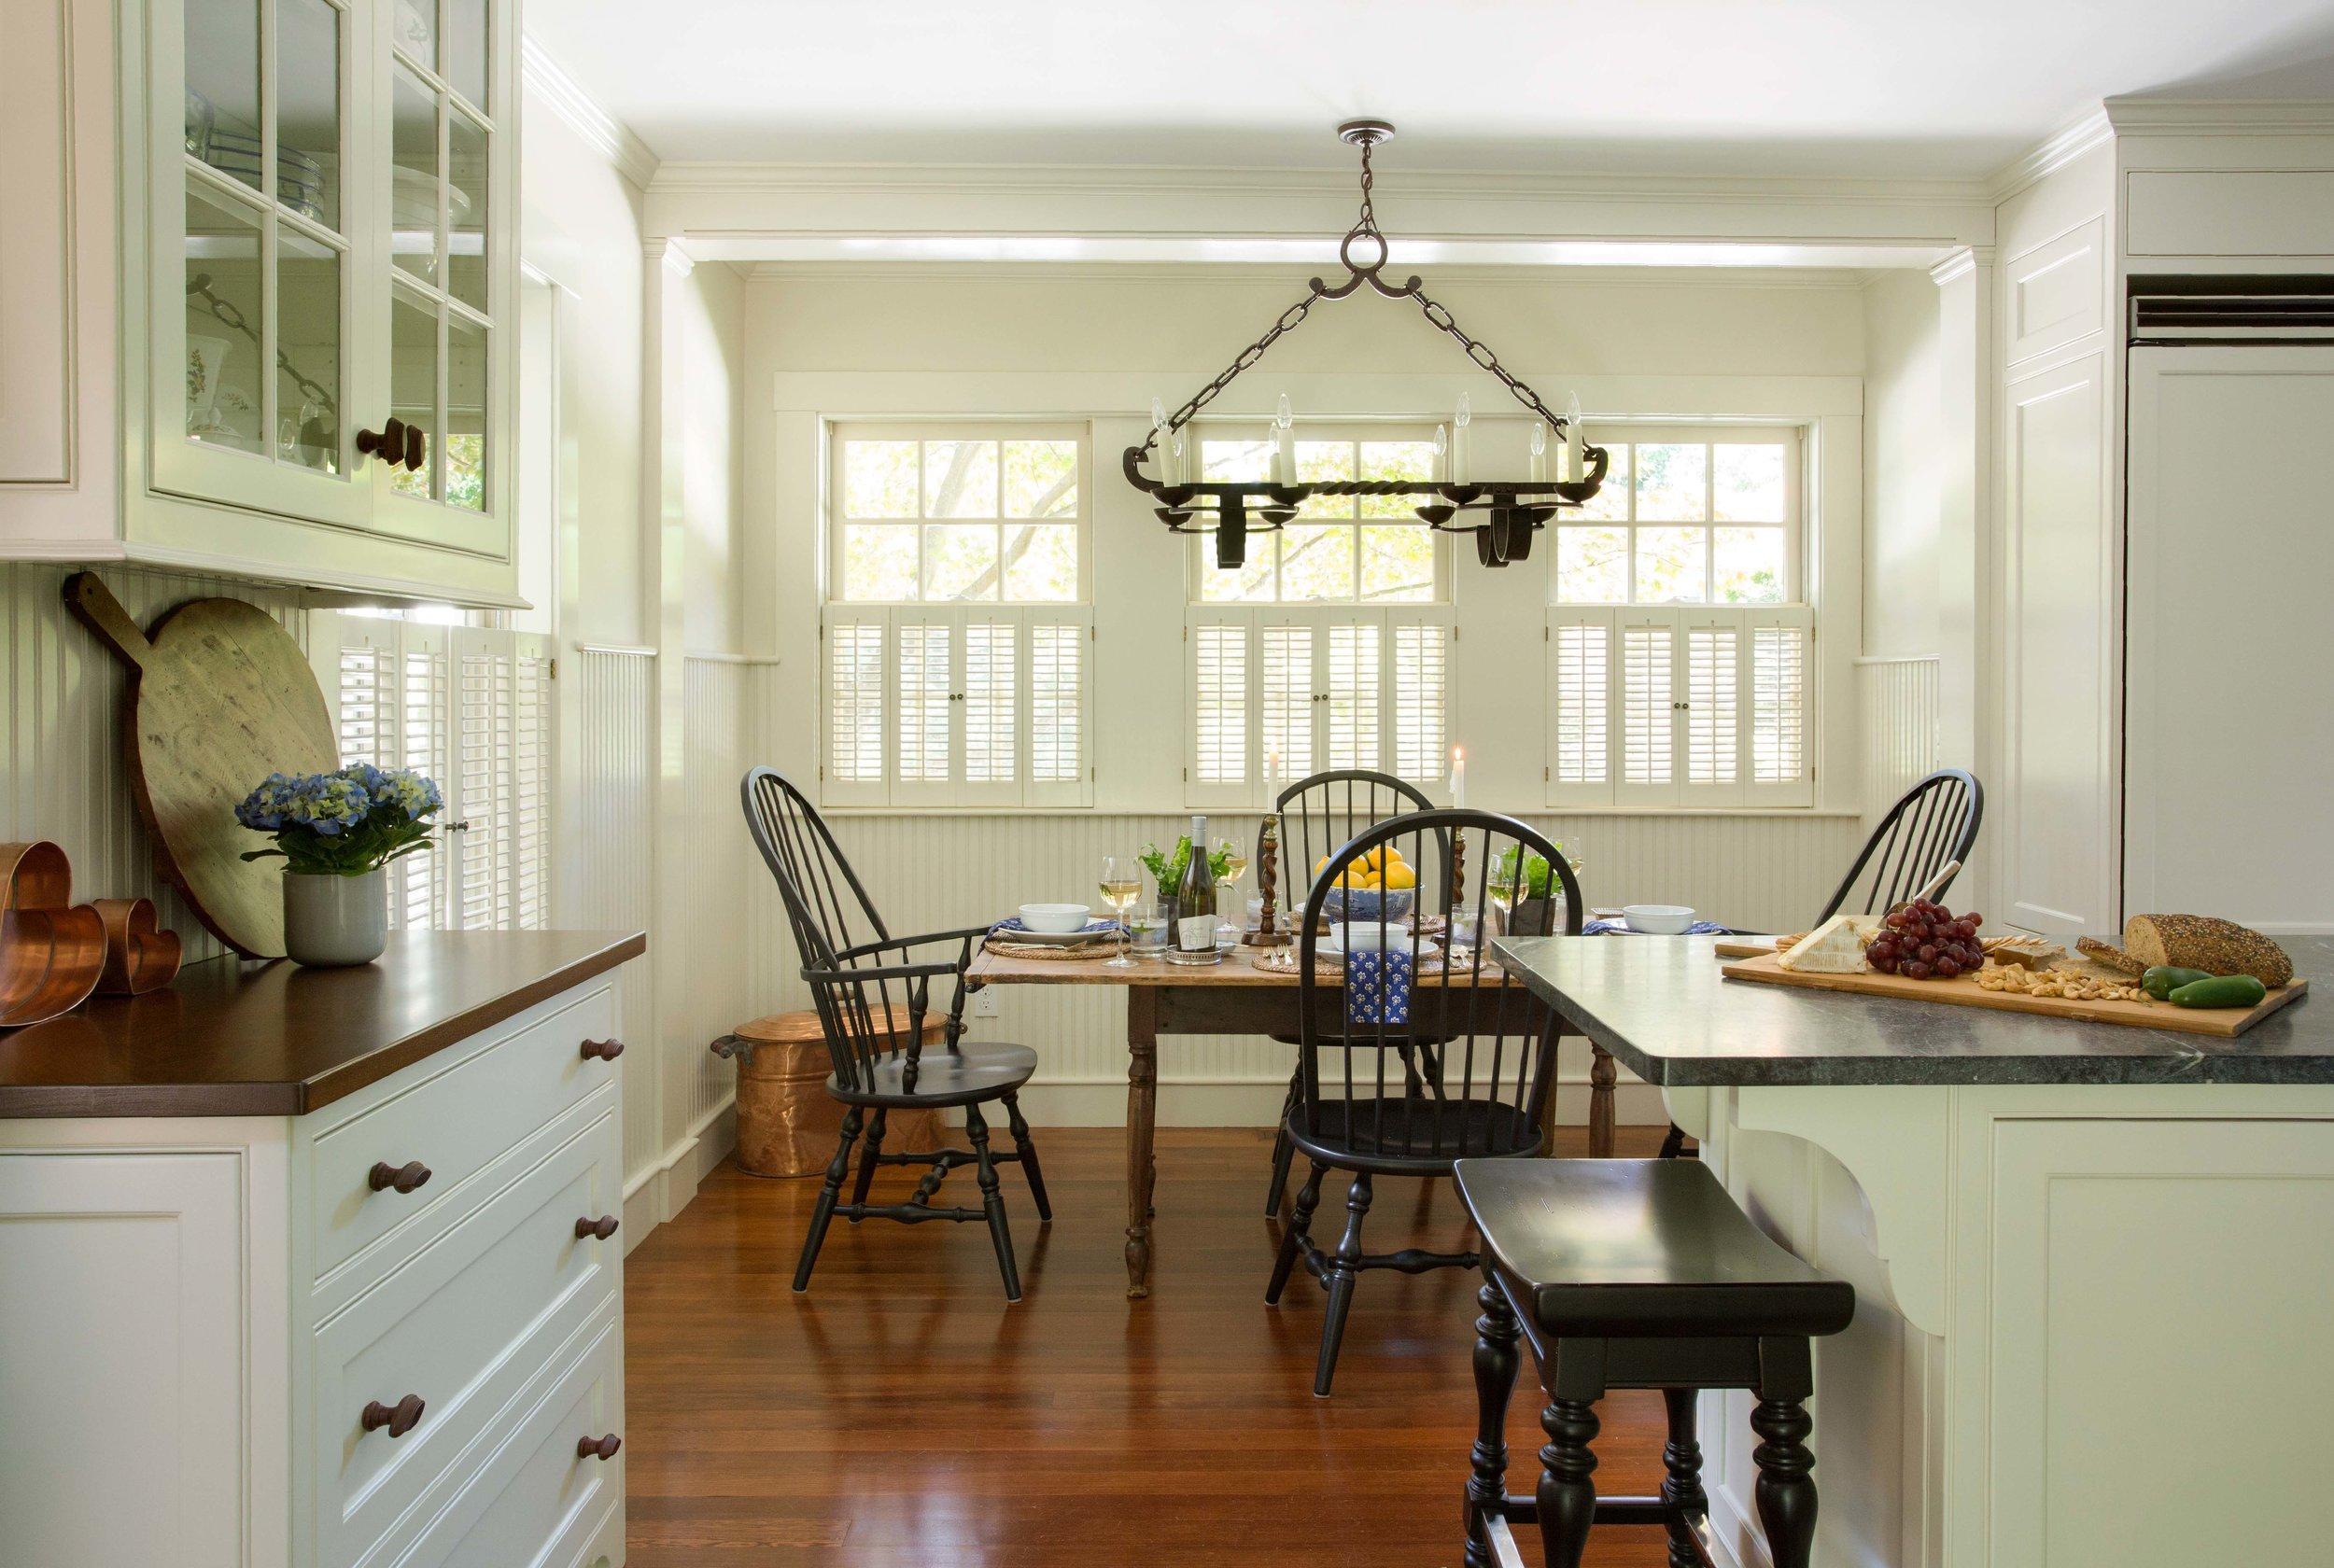 PDR Brookline 6 14 kitchen 2.jpg